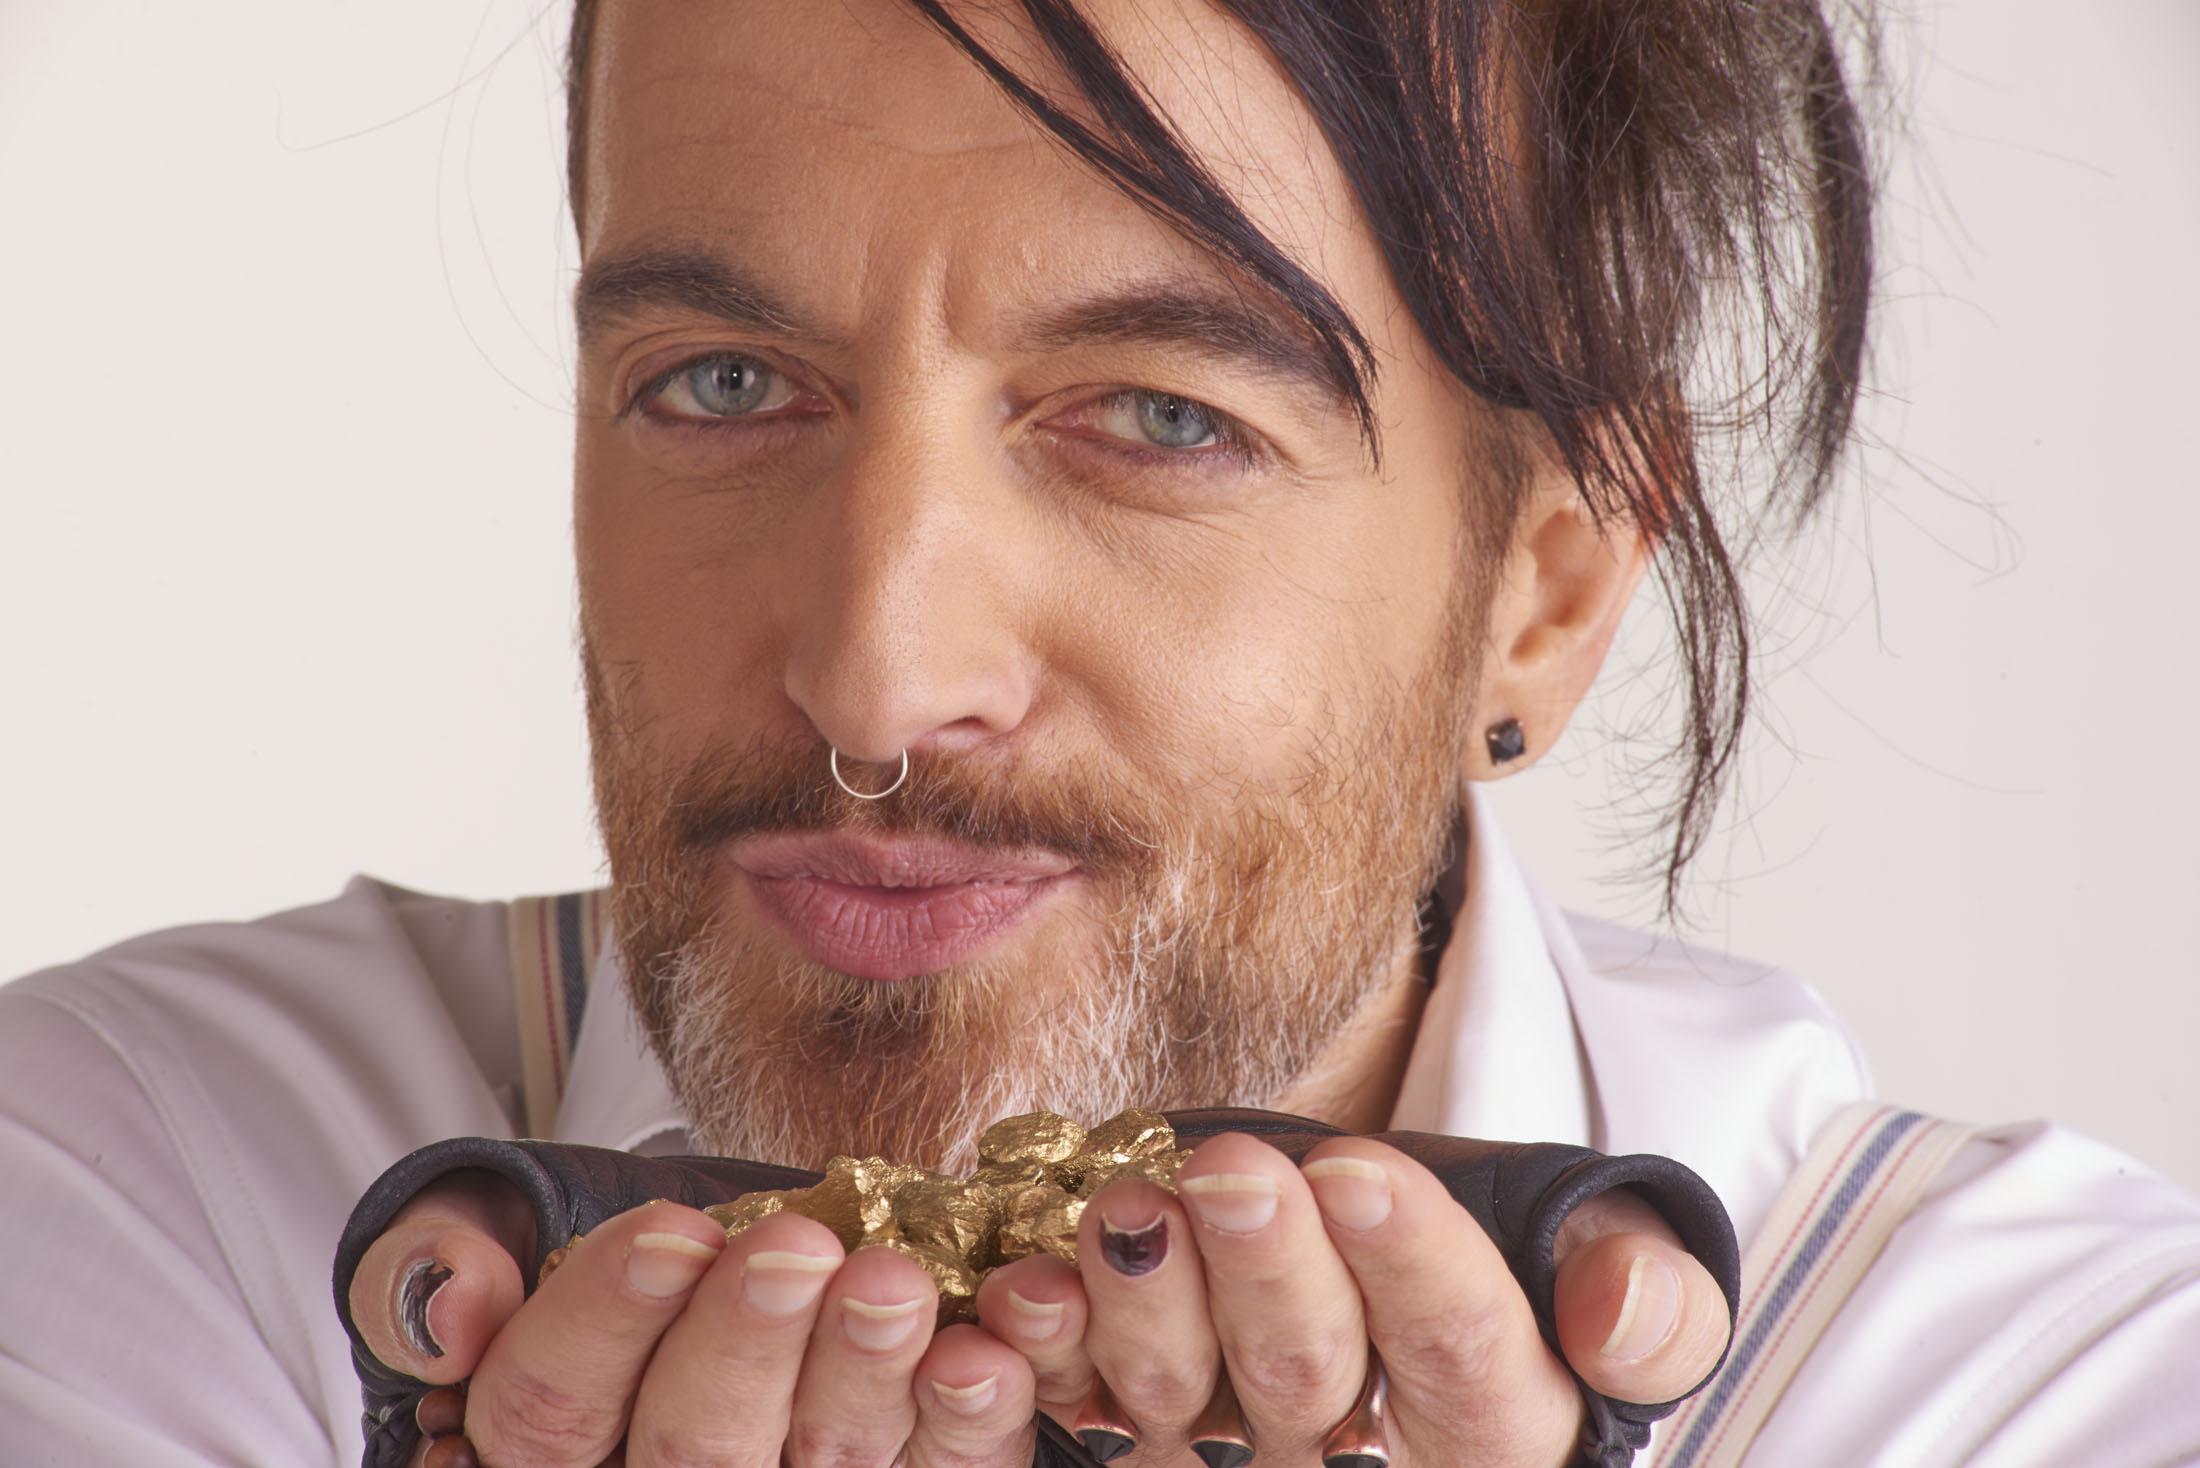 Gros plan d'un visage d' homme soufflant sur de pépites d'or